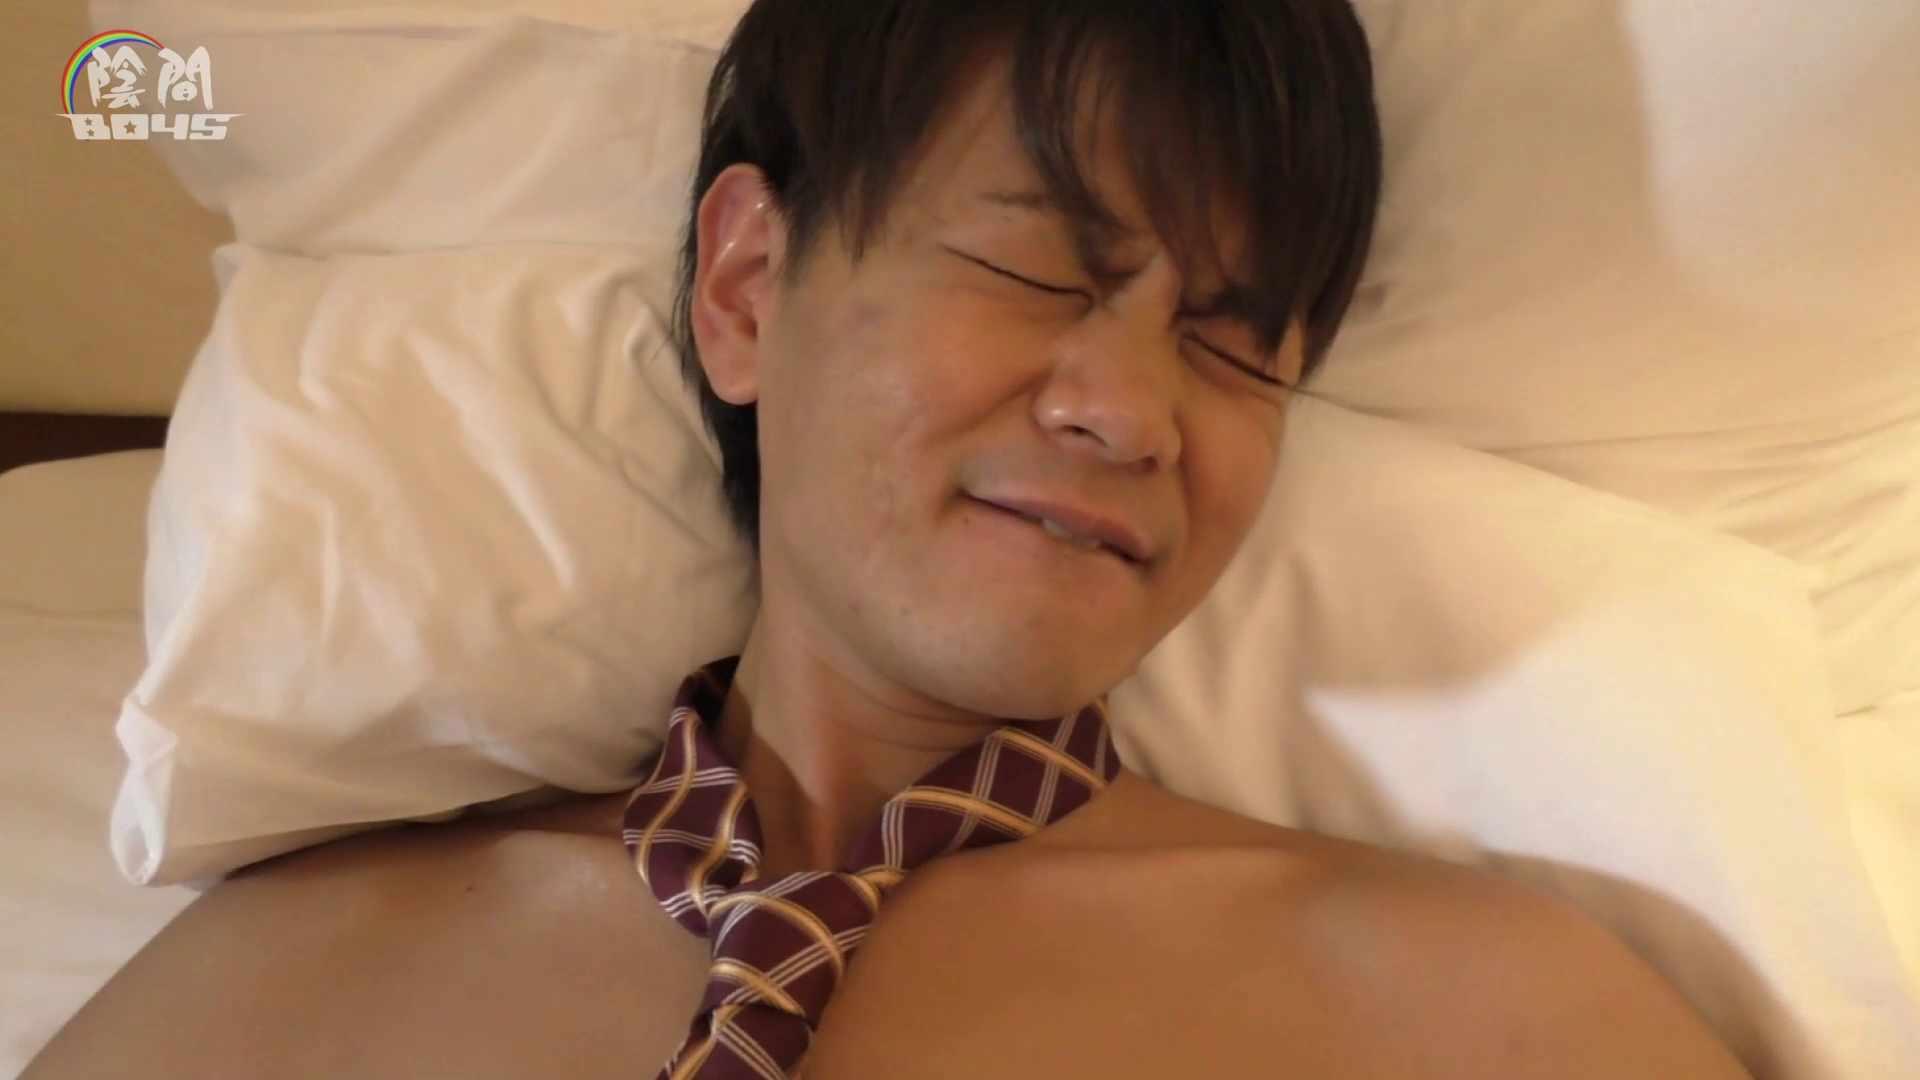 陰間BOYS~キャバクラの仕事はアナルから4 Vol.03 生入最高 ゲイ無修正ビデオ画像 108枚 72